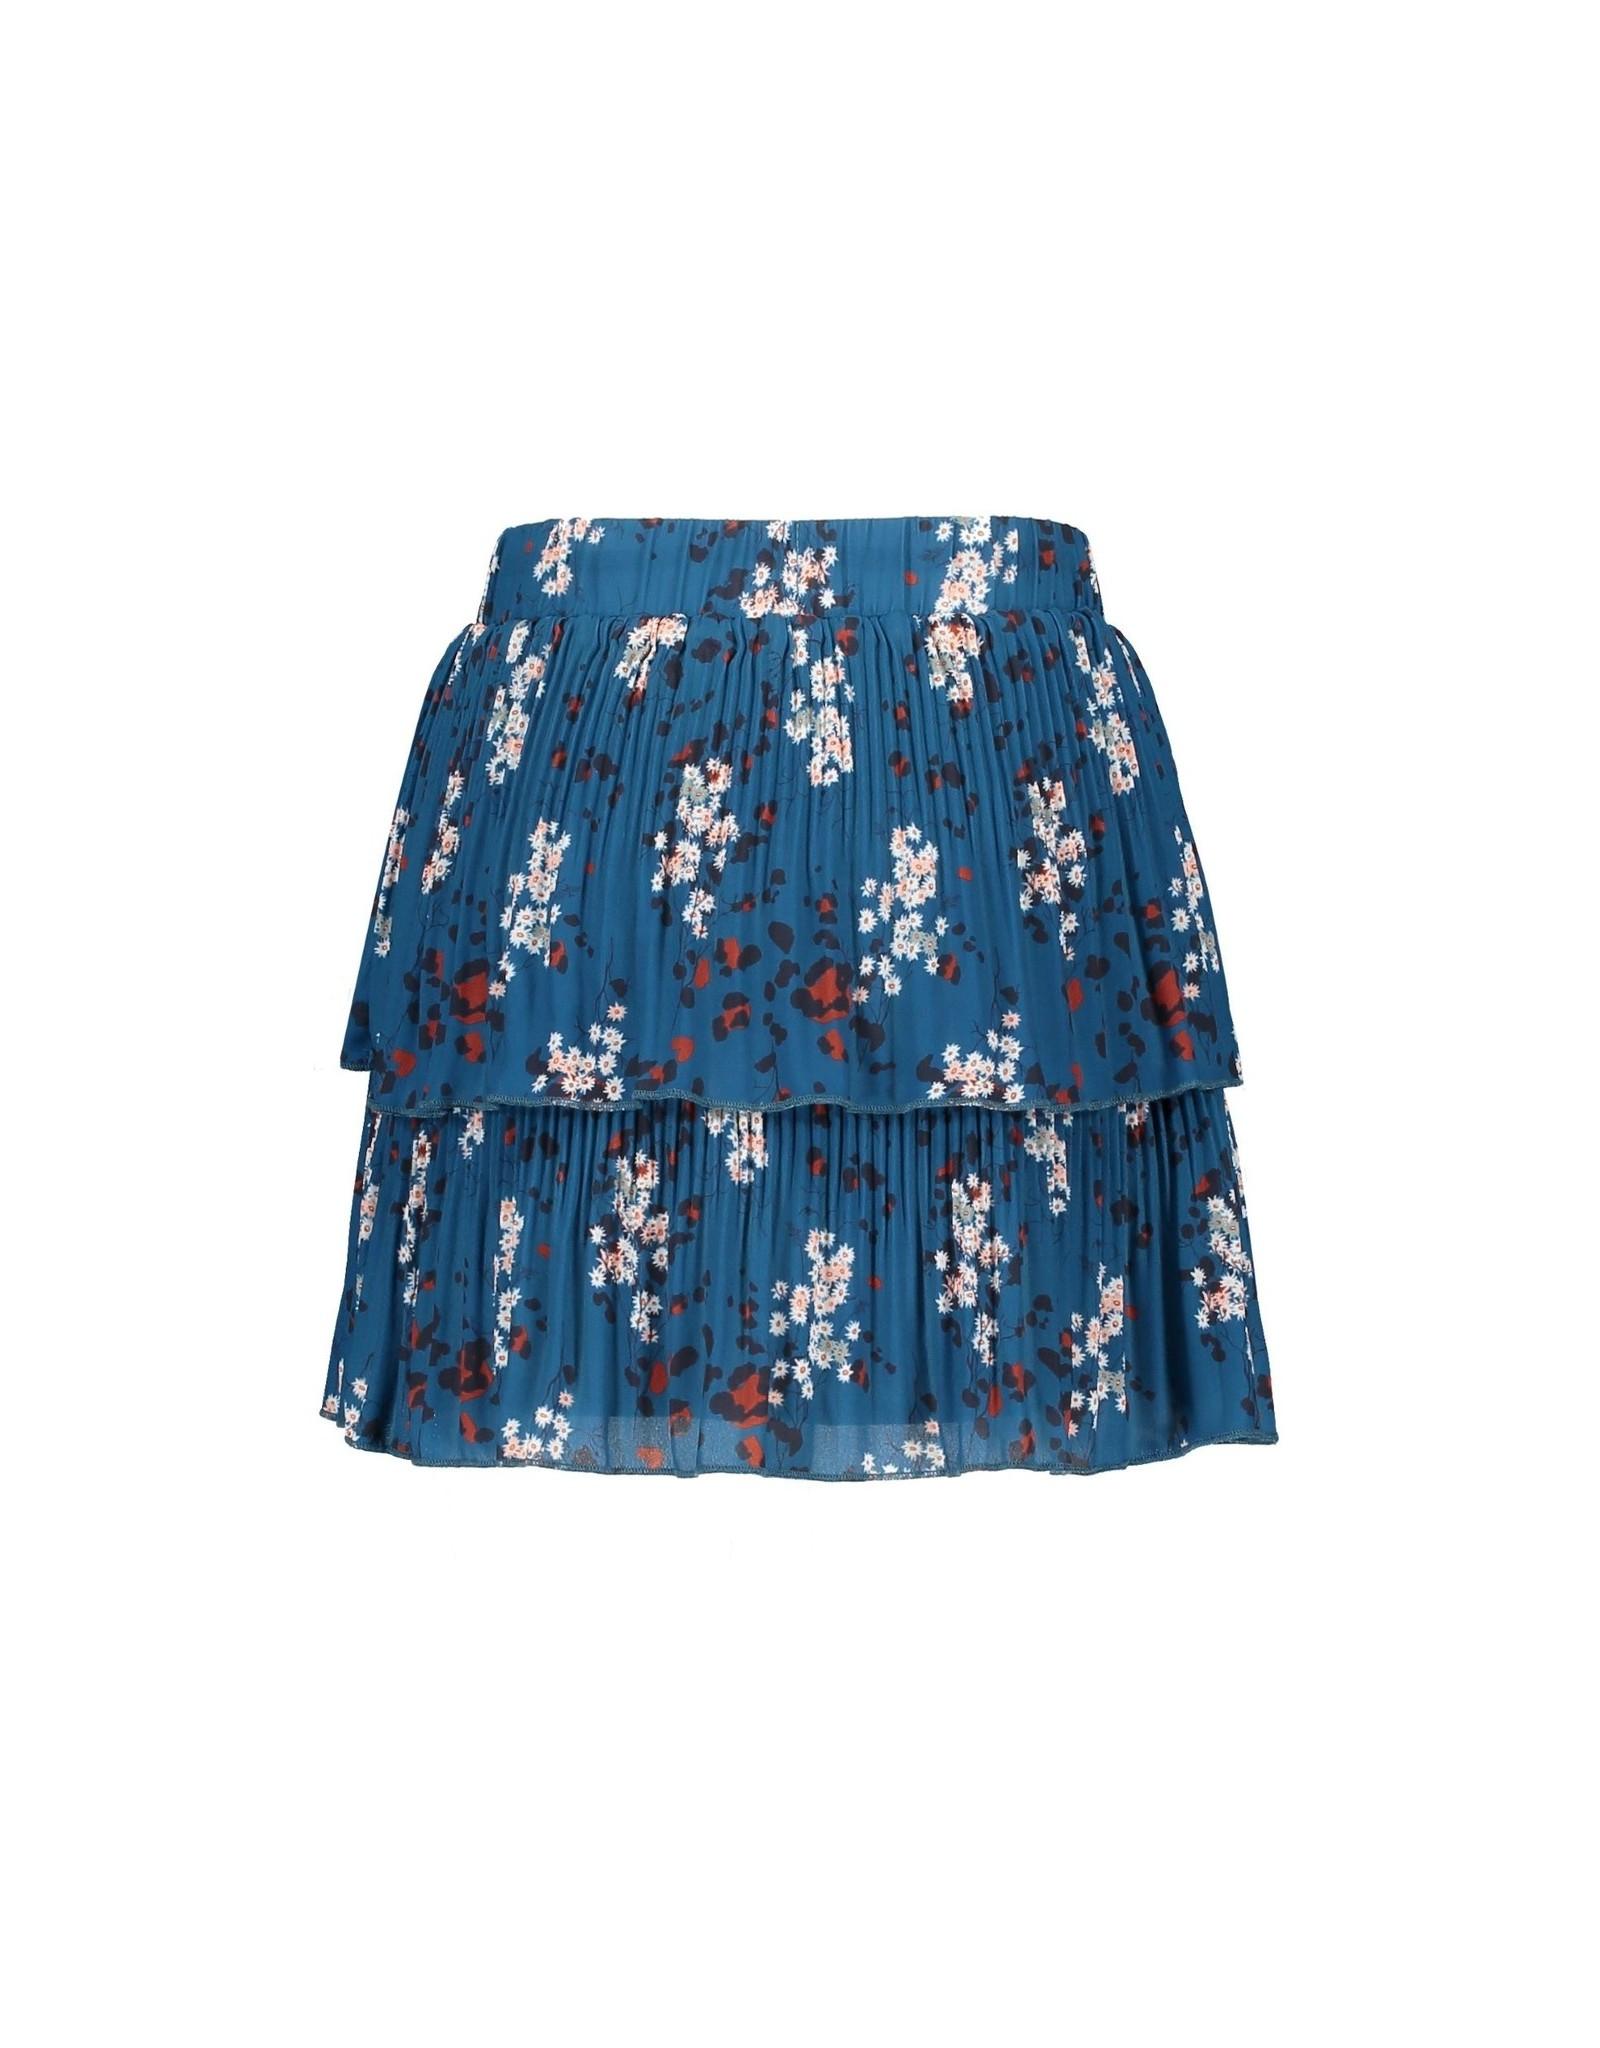 Nono NONO short-skirt 5702 swedish blue